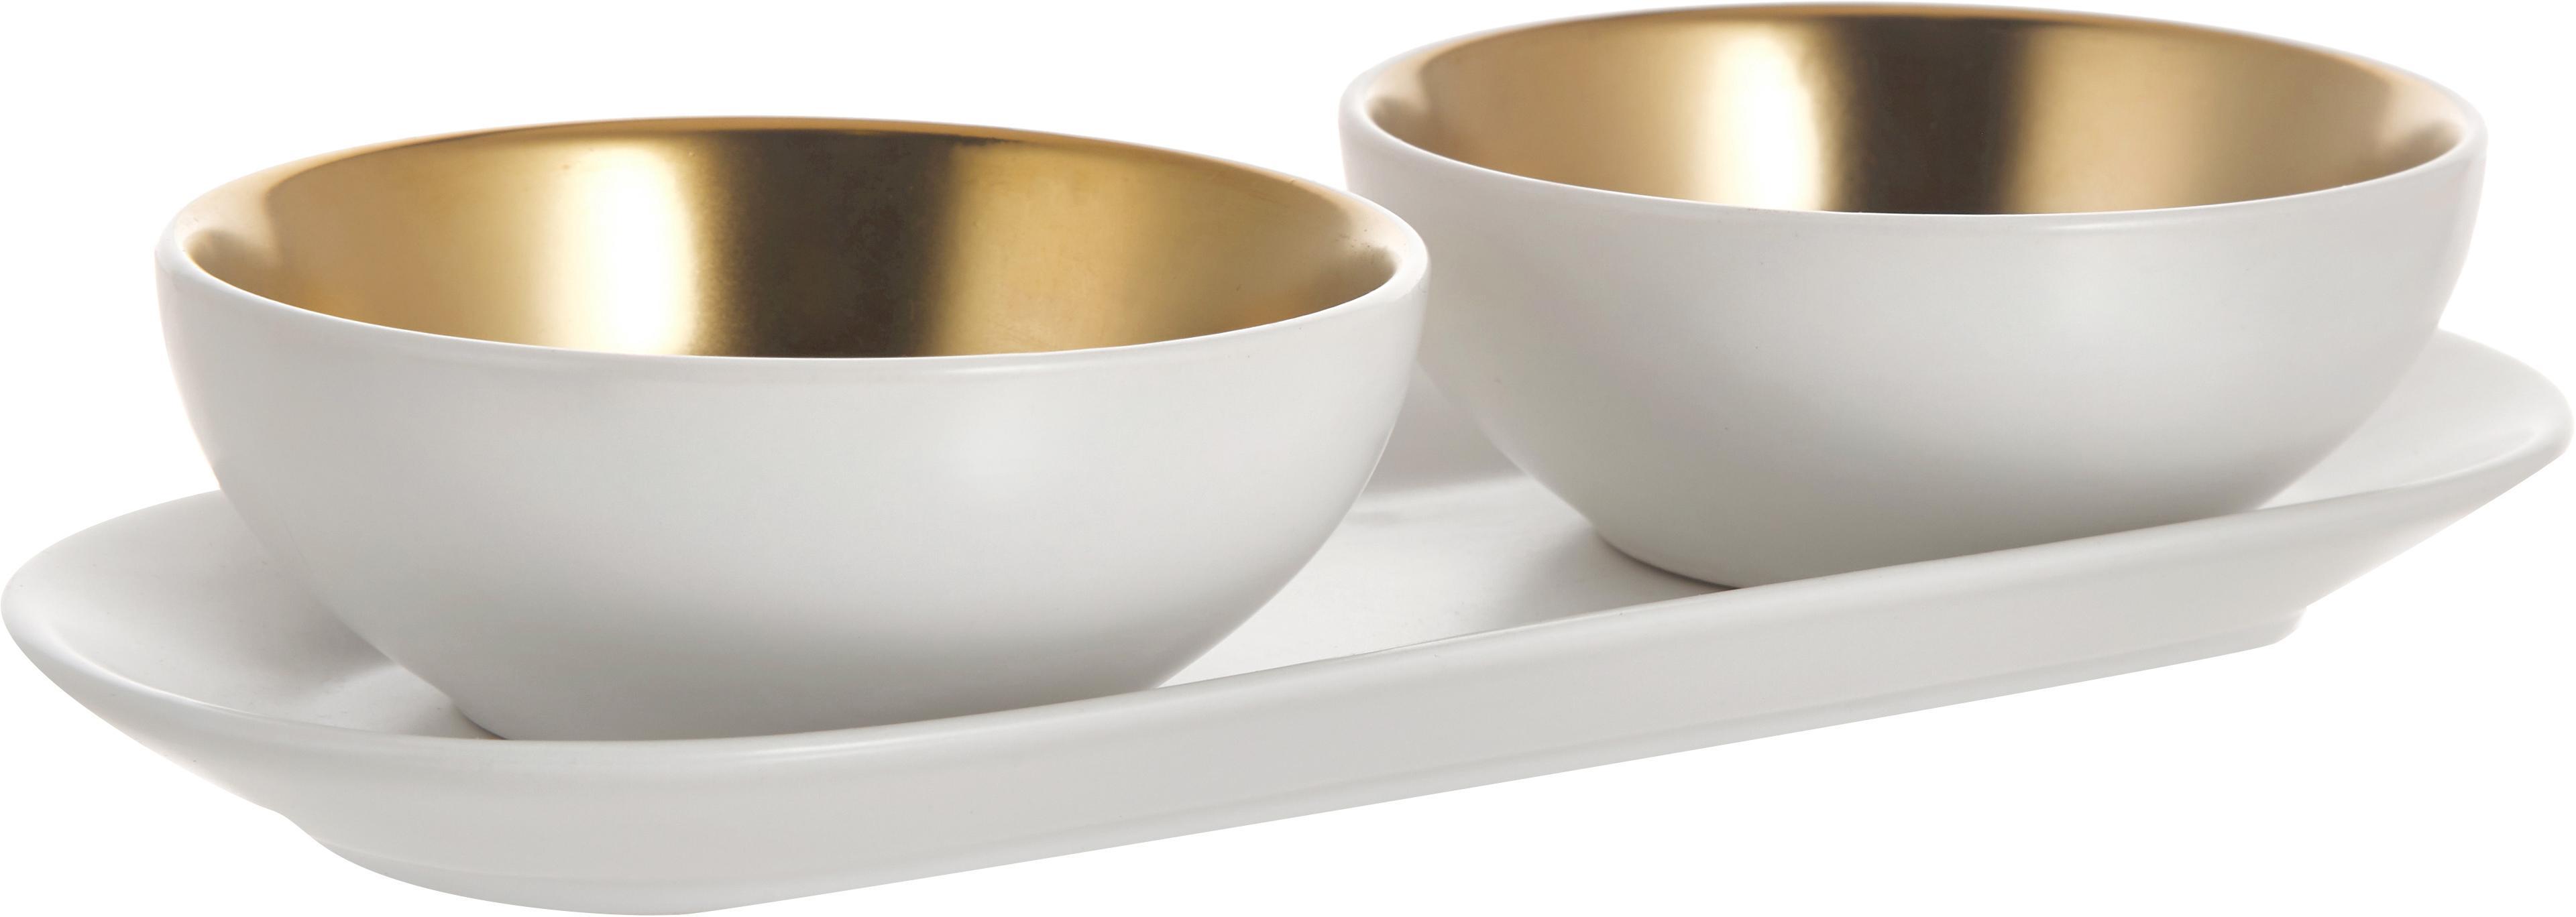 Dipschälchen Glitz in Weiß/Gold, 3er-Set, Steingut, Weiß, Goldfarben, Ø 10 x H 4 cm